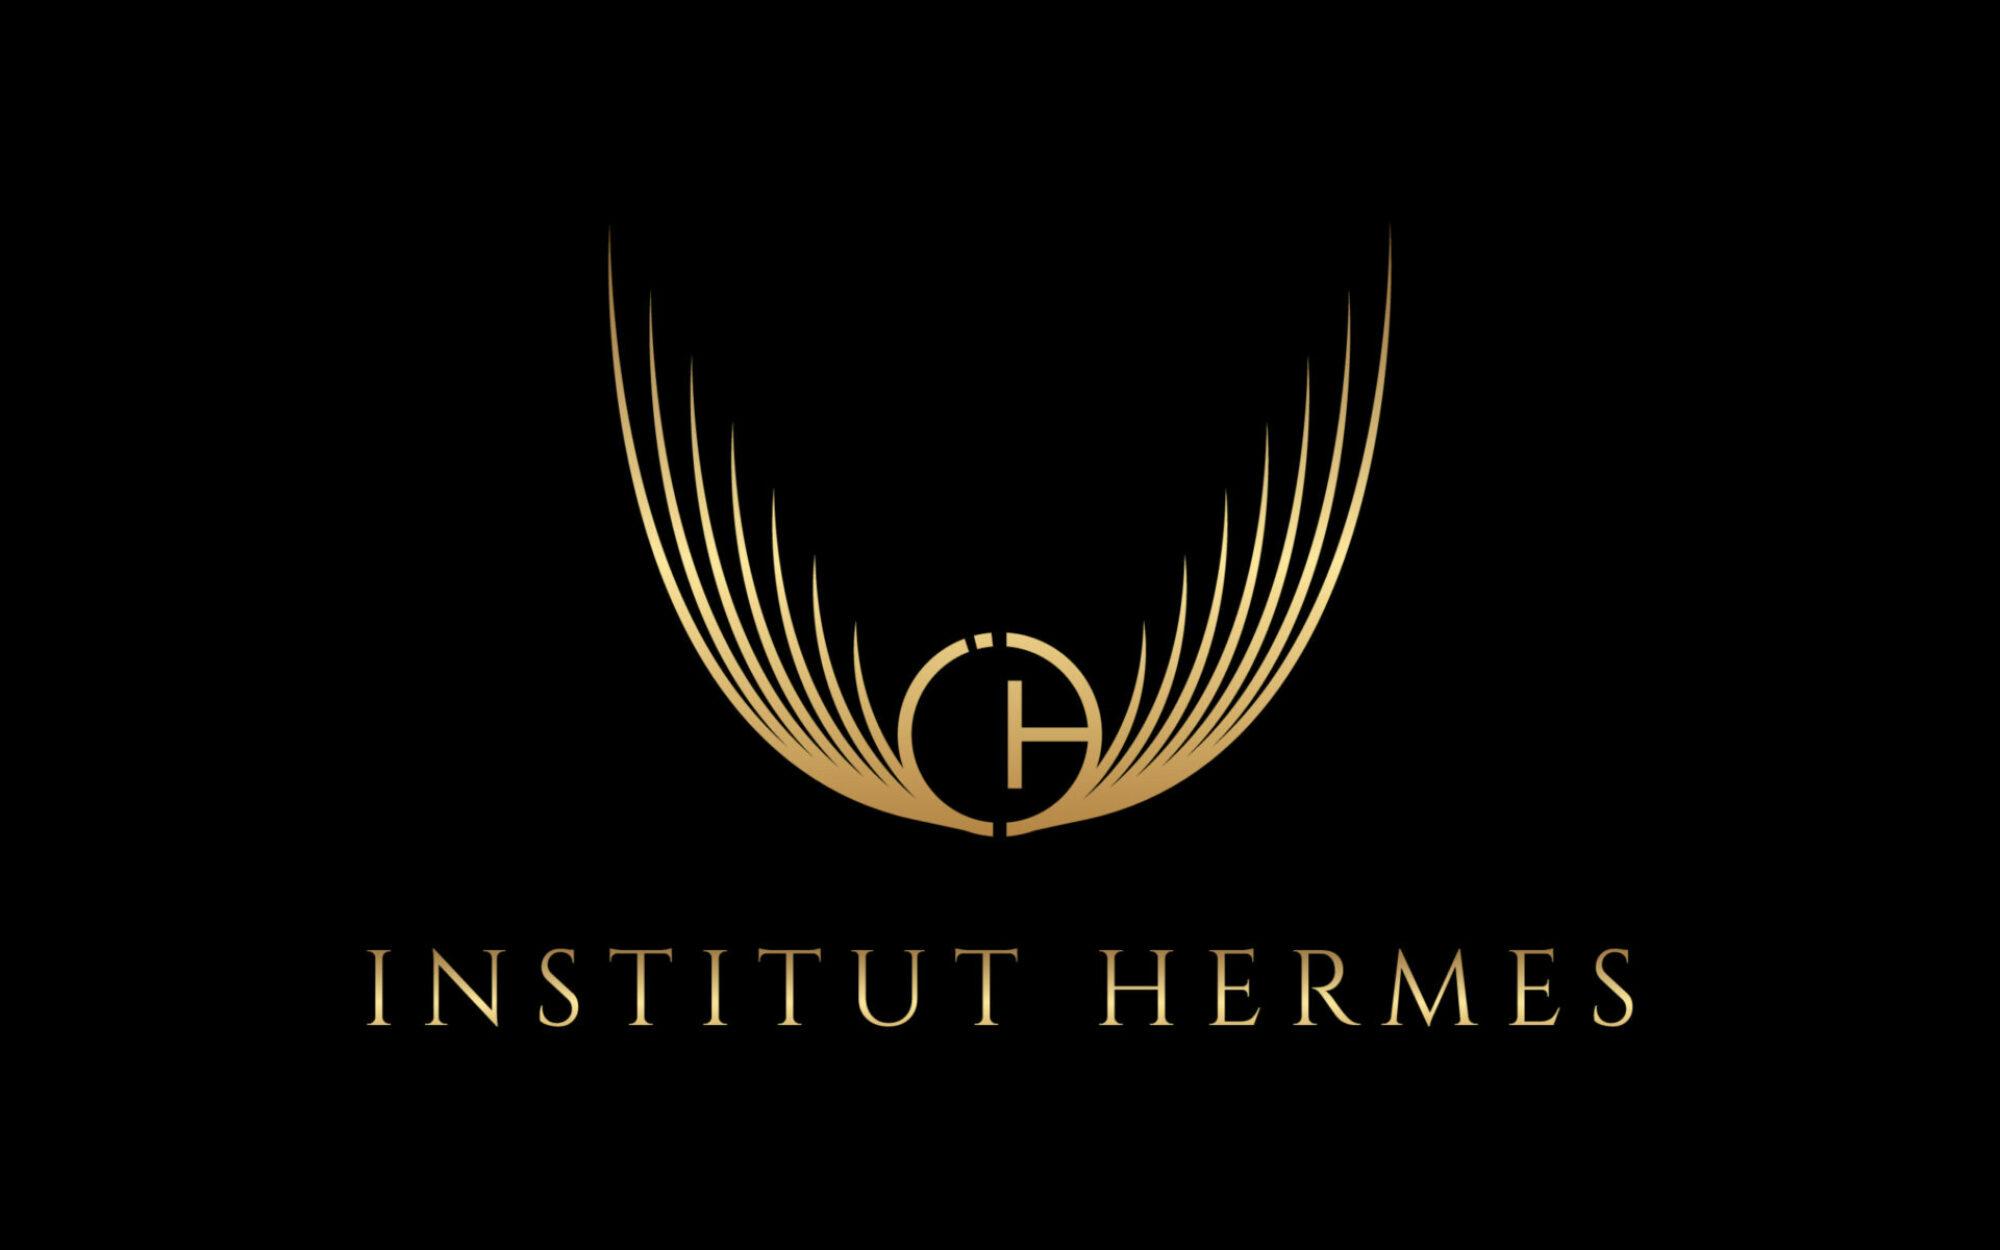 Institut hermès